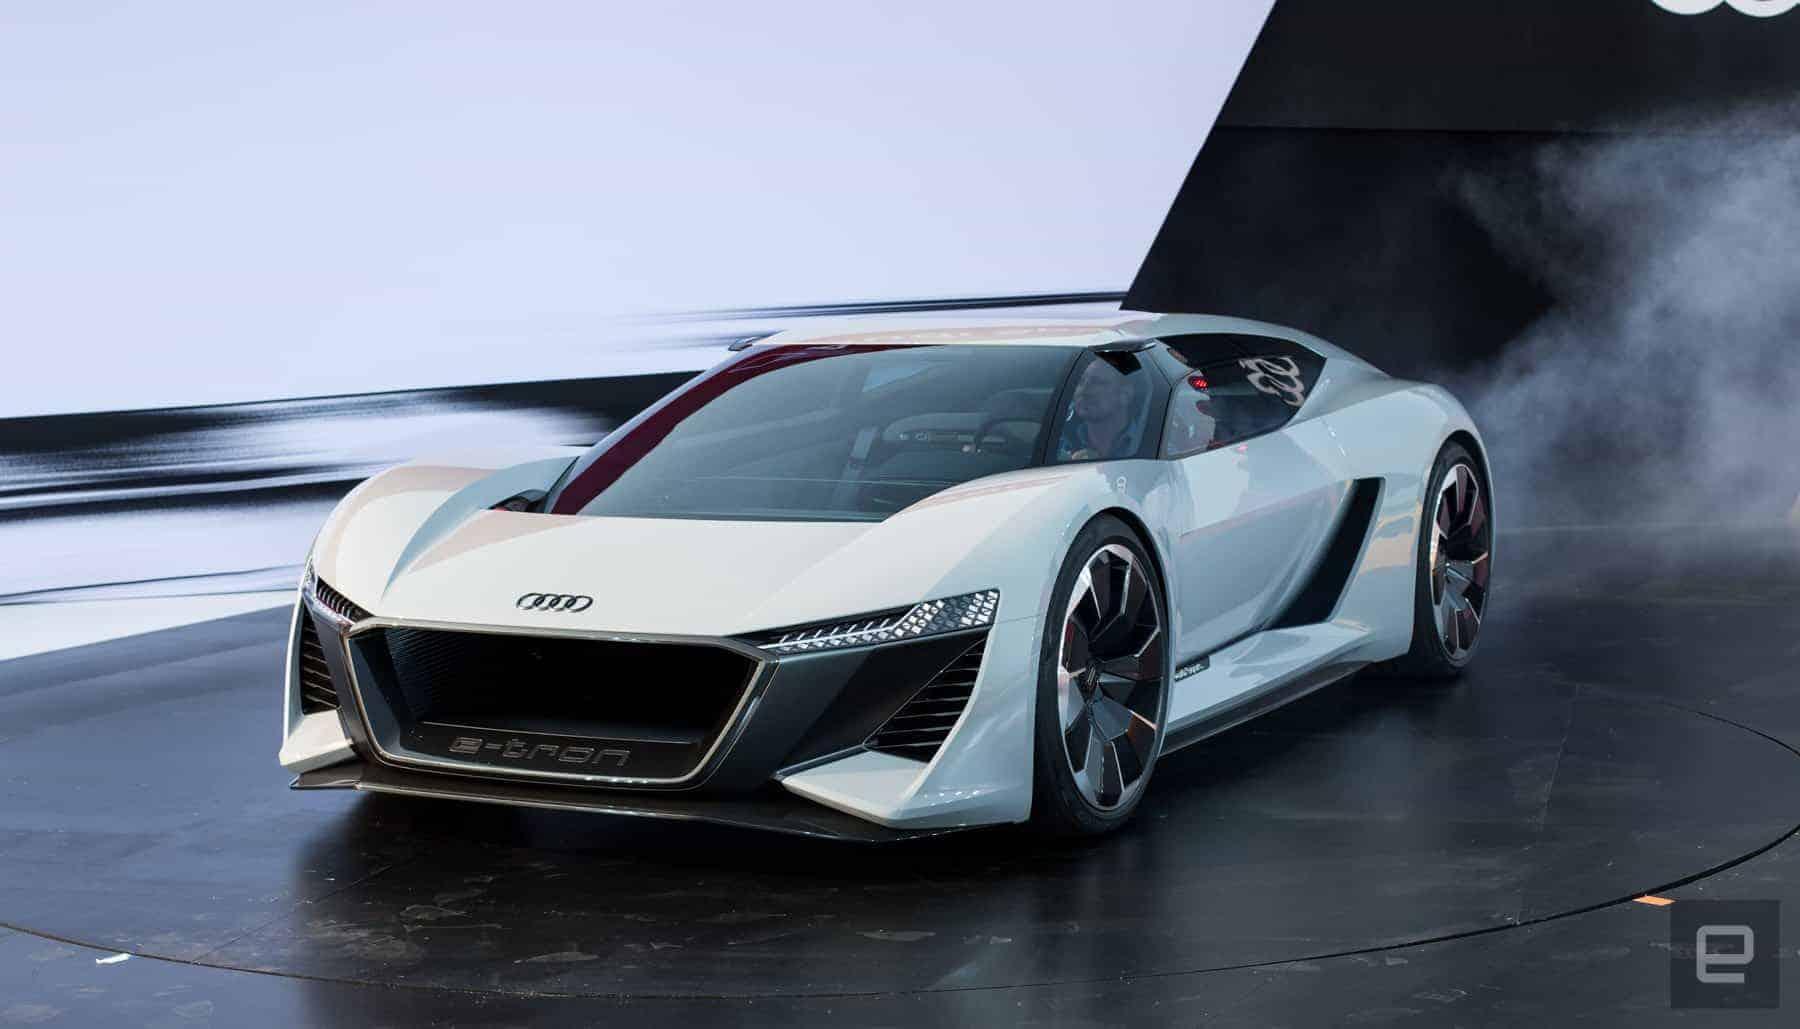 Concept do Audi e-Tron PB 18 (dianteira)